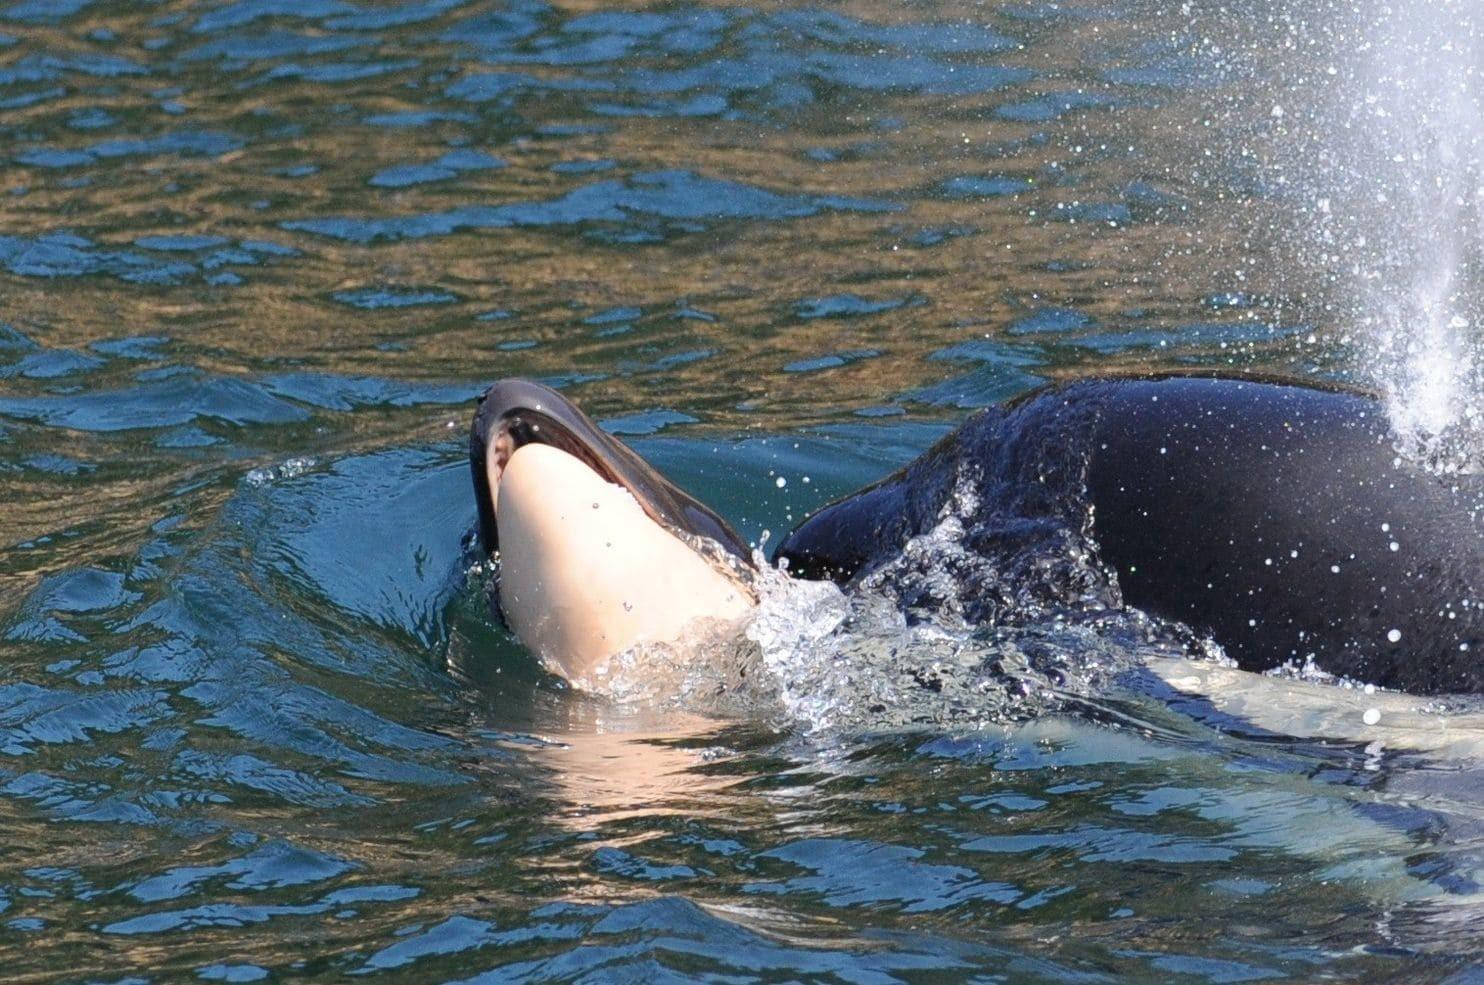 Baleia bebê era a primeira a ter nascido na região noroeste dos Estados Unidos em três anos  (Foto: Ken Balcomb/Center for Whale Research)